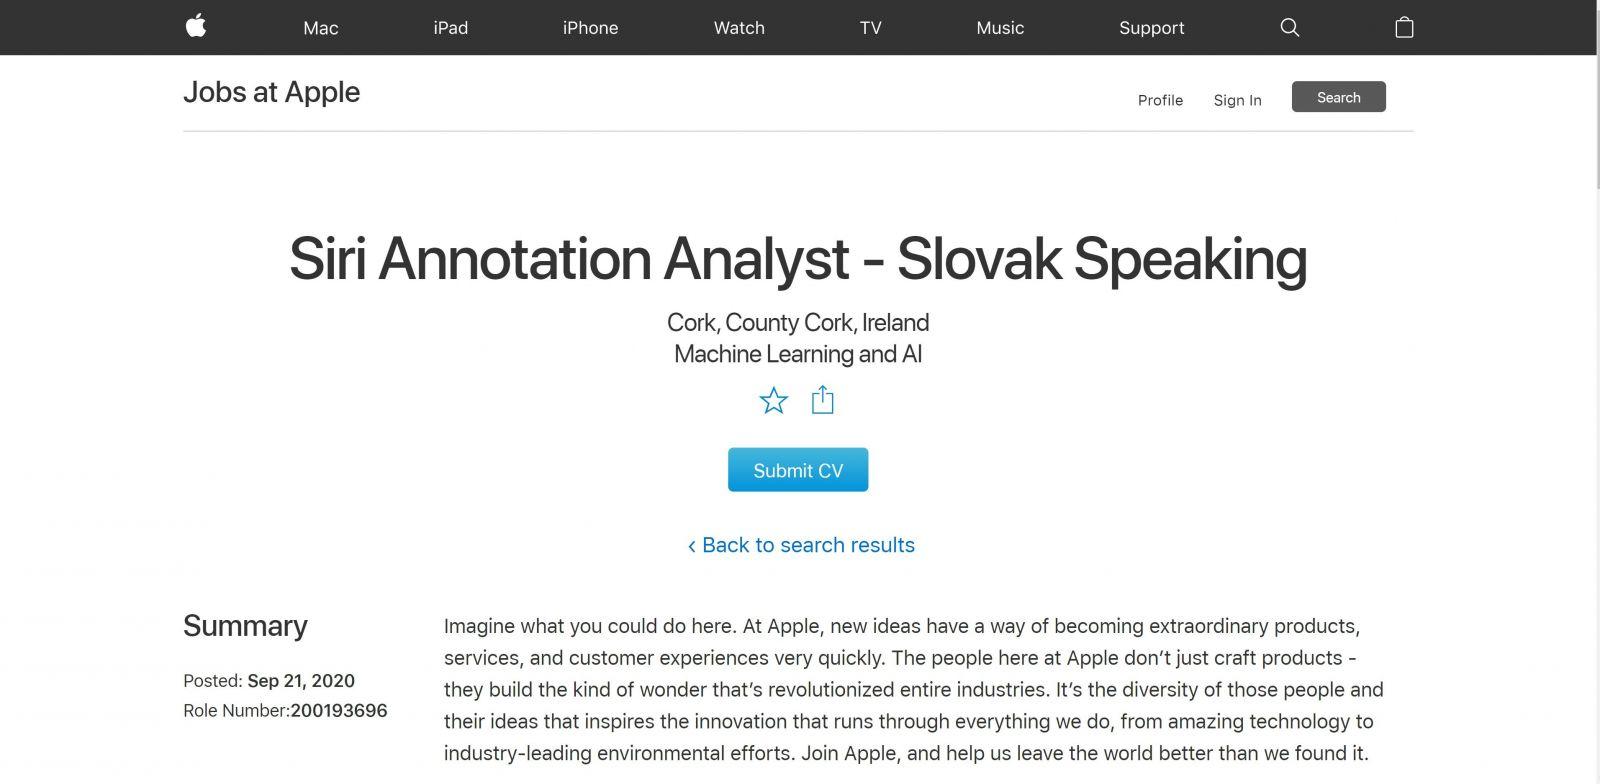 Siri hovoriaca po slovensky? Vyzerá to tak